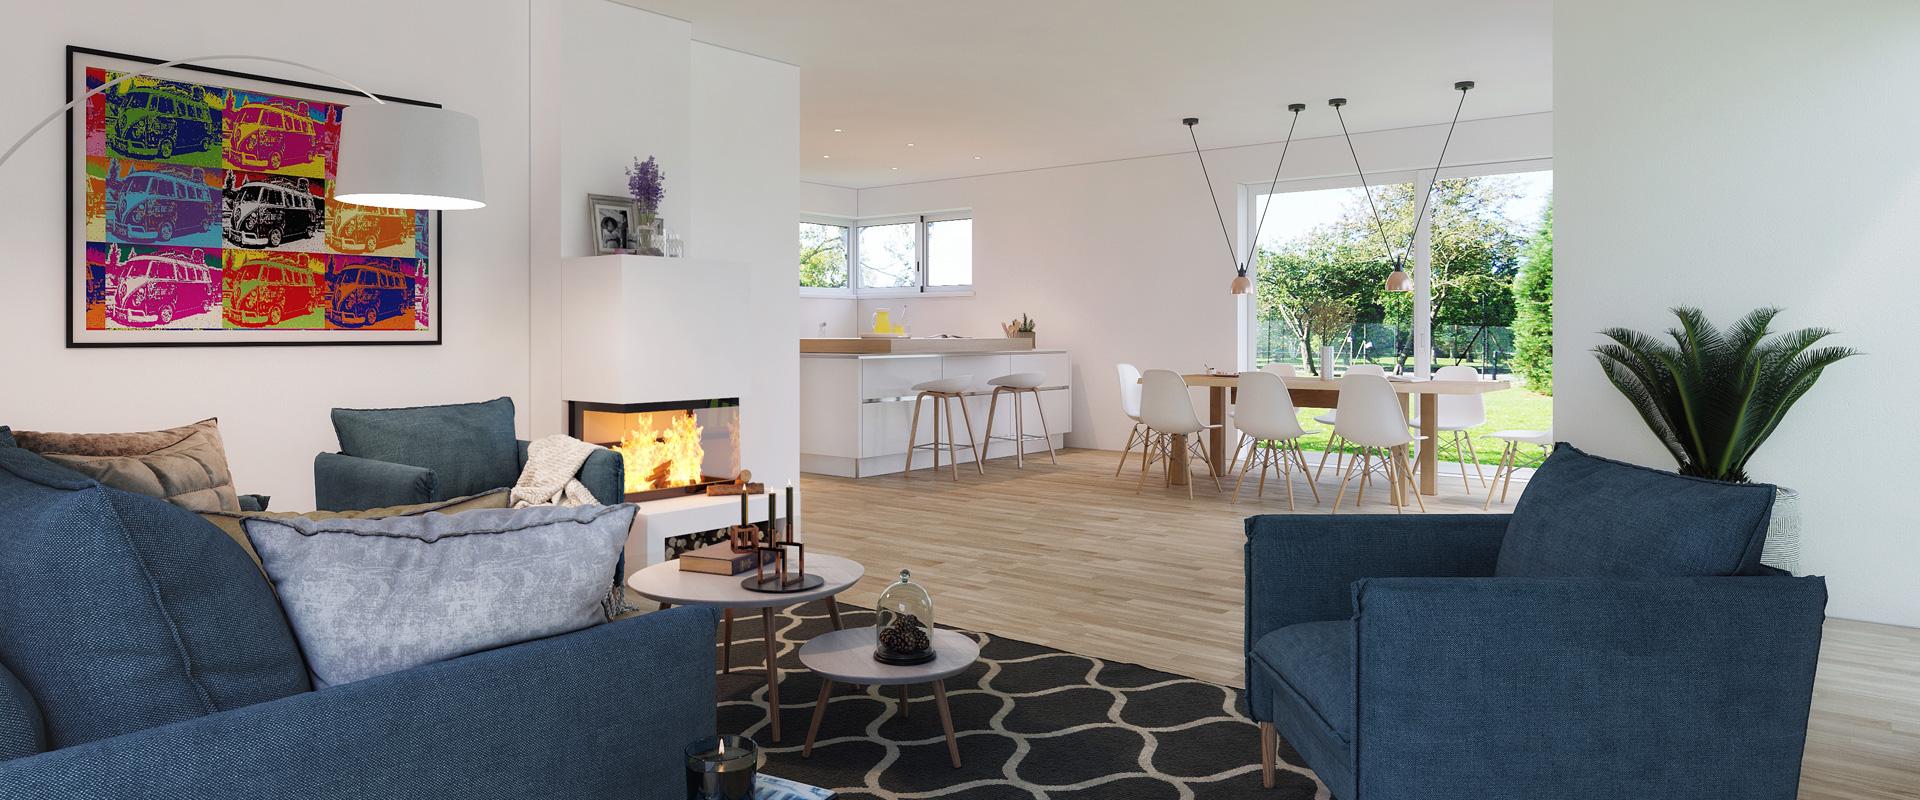 Ansprechend Moderne Einfamilienhäuser Dekoration Von Einfamilienhäuser In Berg Am Starnberger See